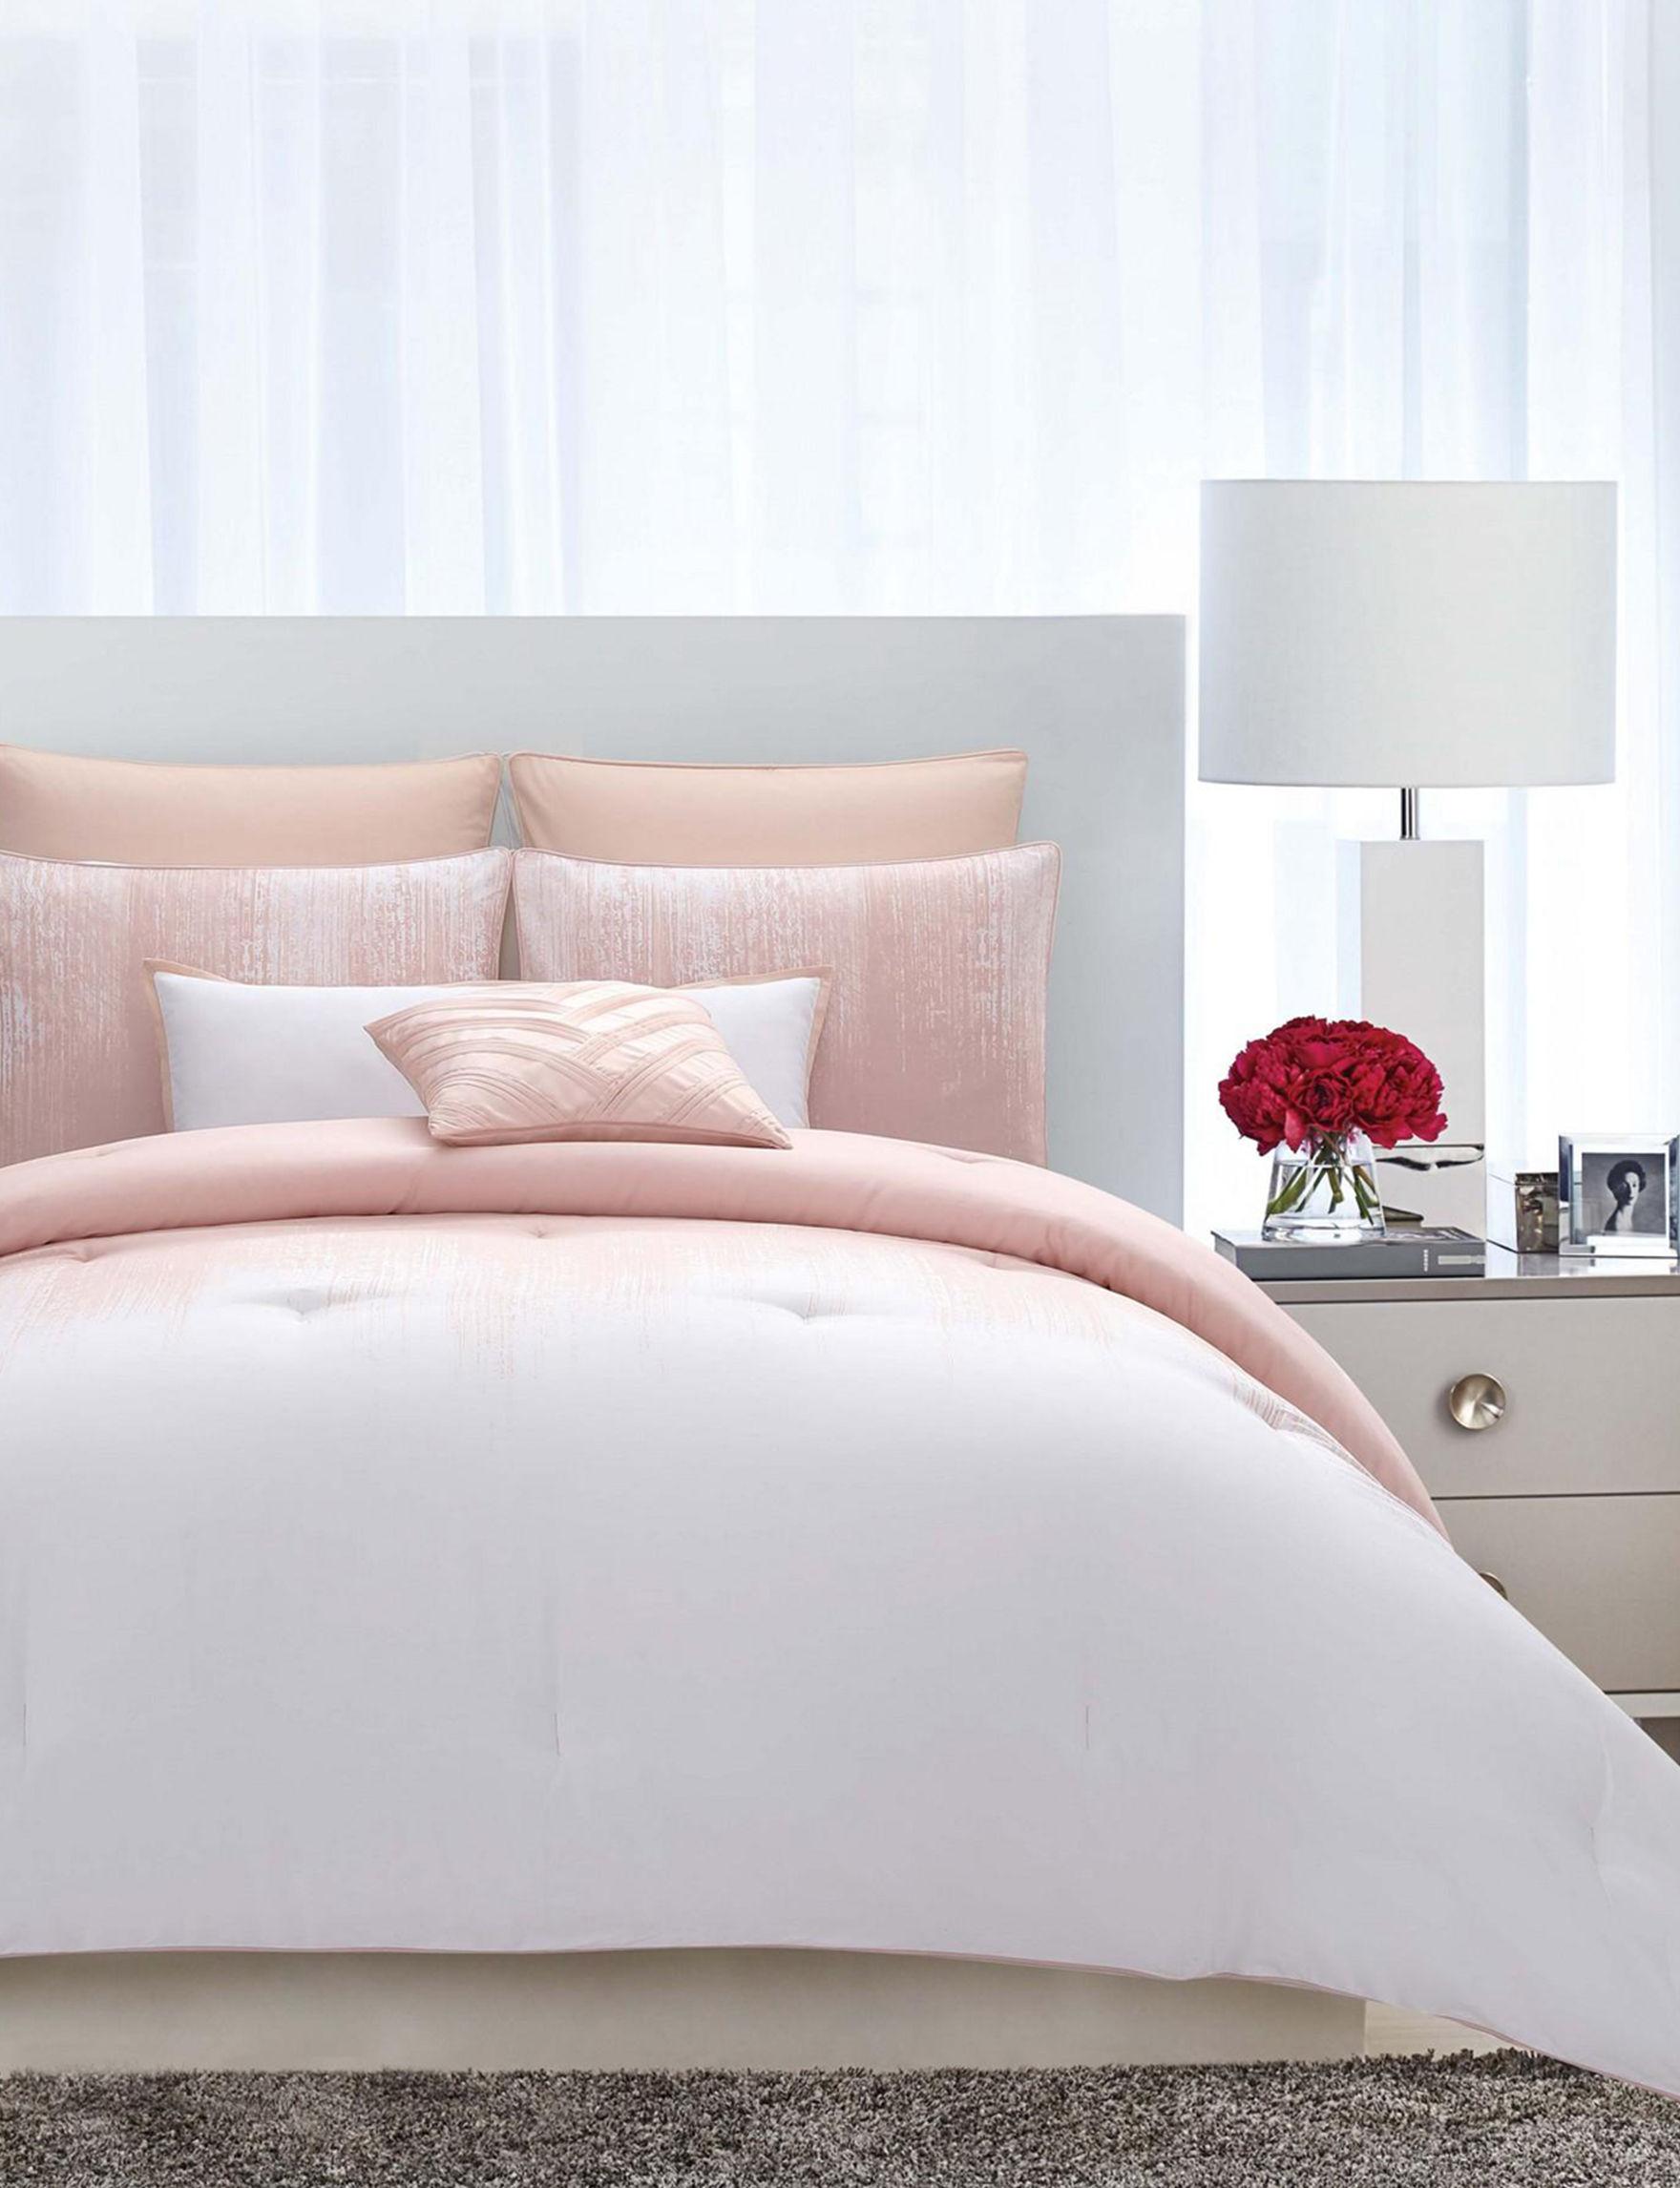 milan camuto com set bedroom pin bedbathandbeyond comforter vince